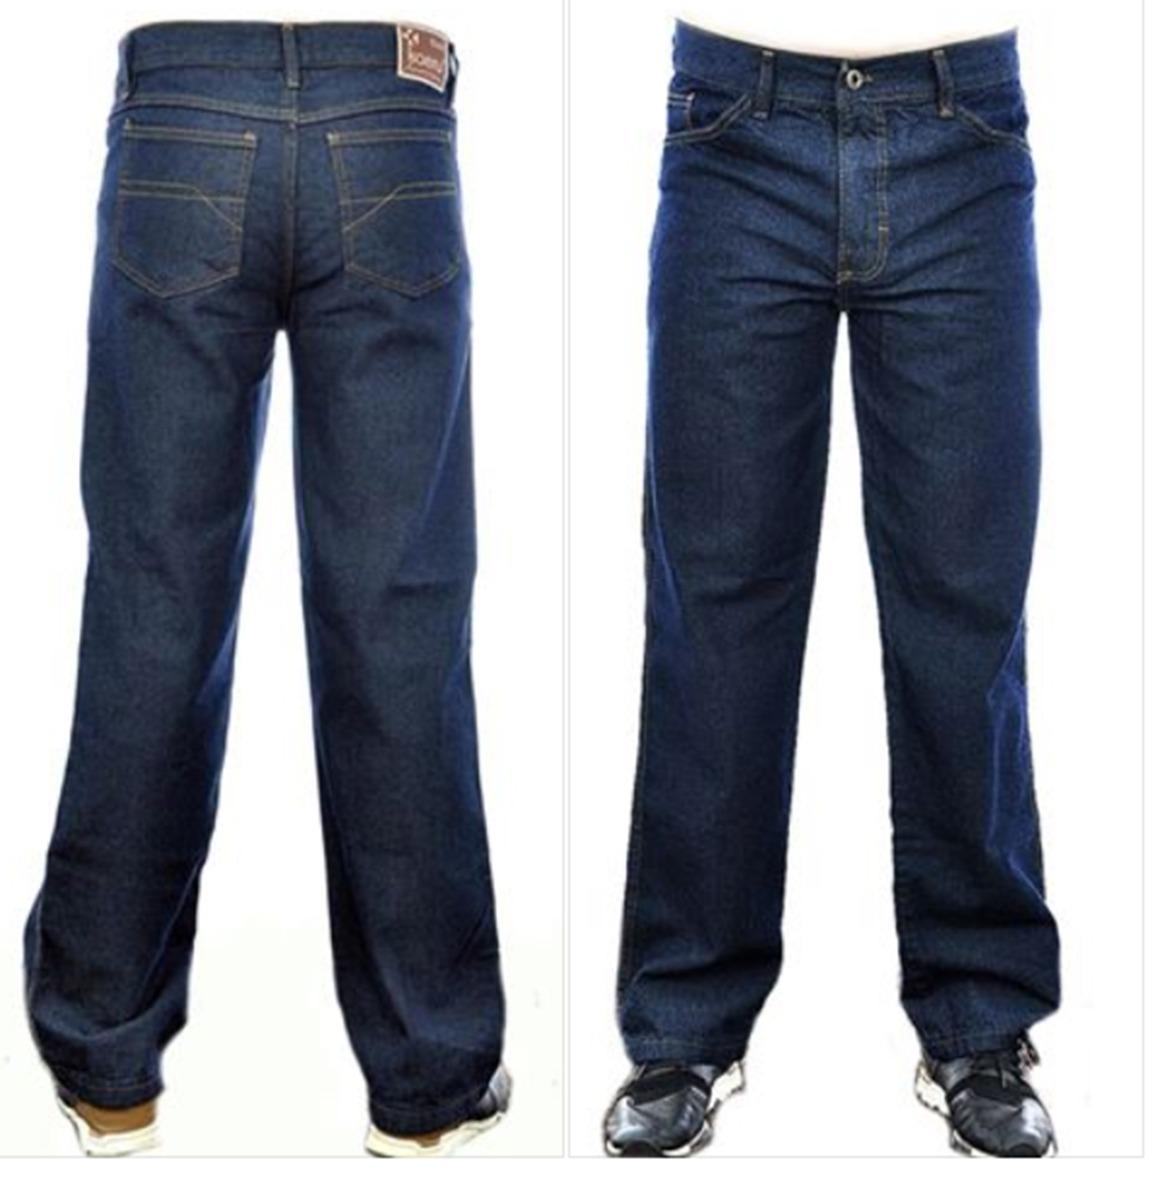 ee706bfe66 calça jeans masculina promoção trabalho. Carregando zoom.